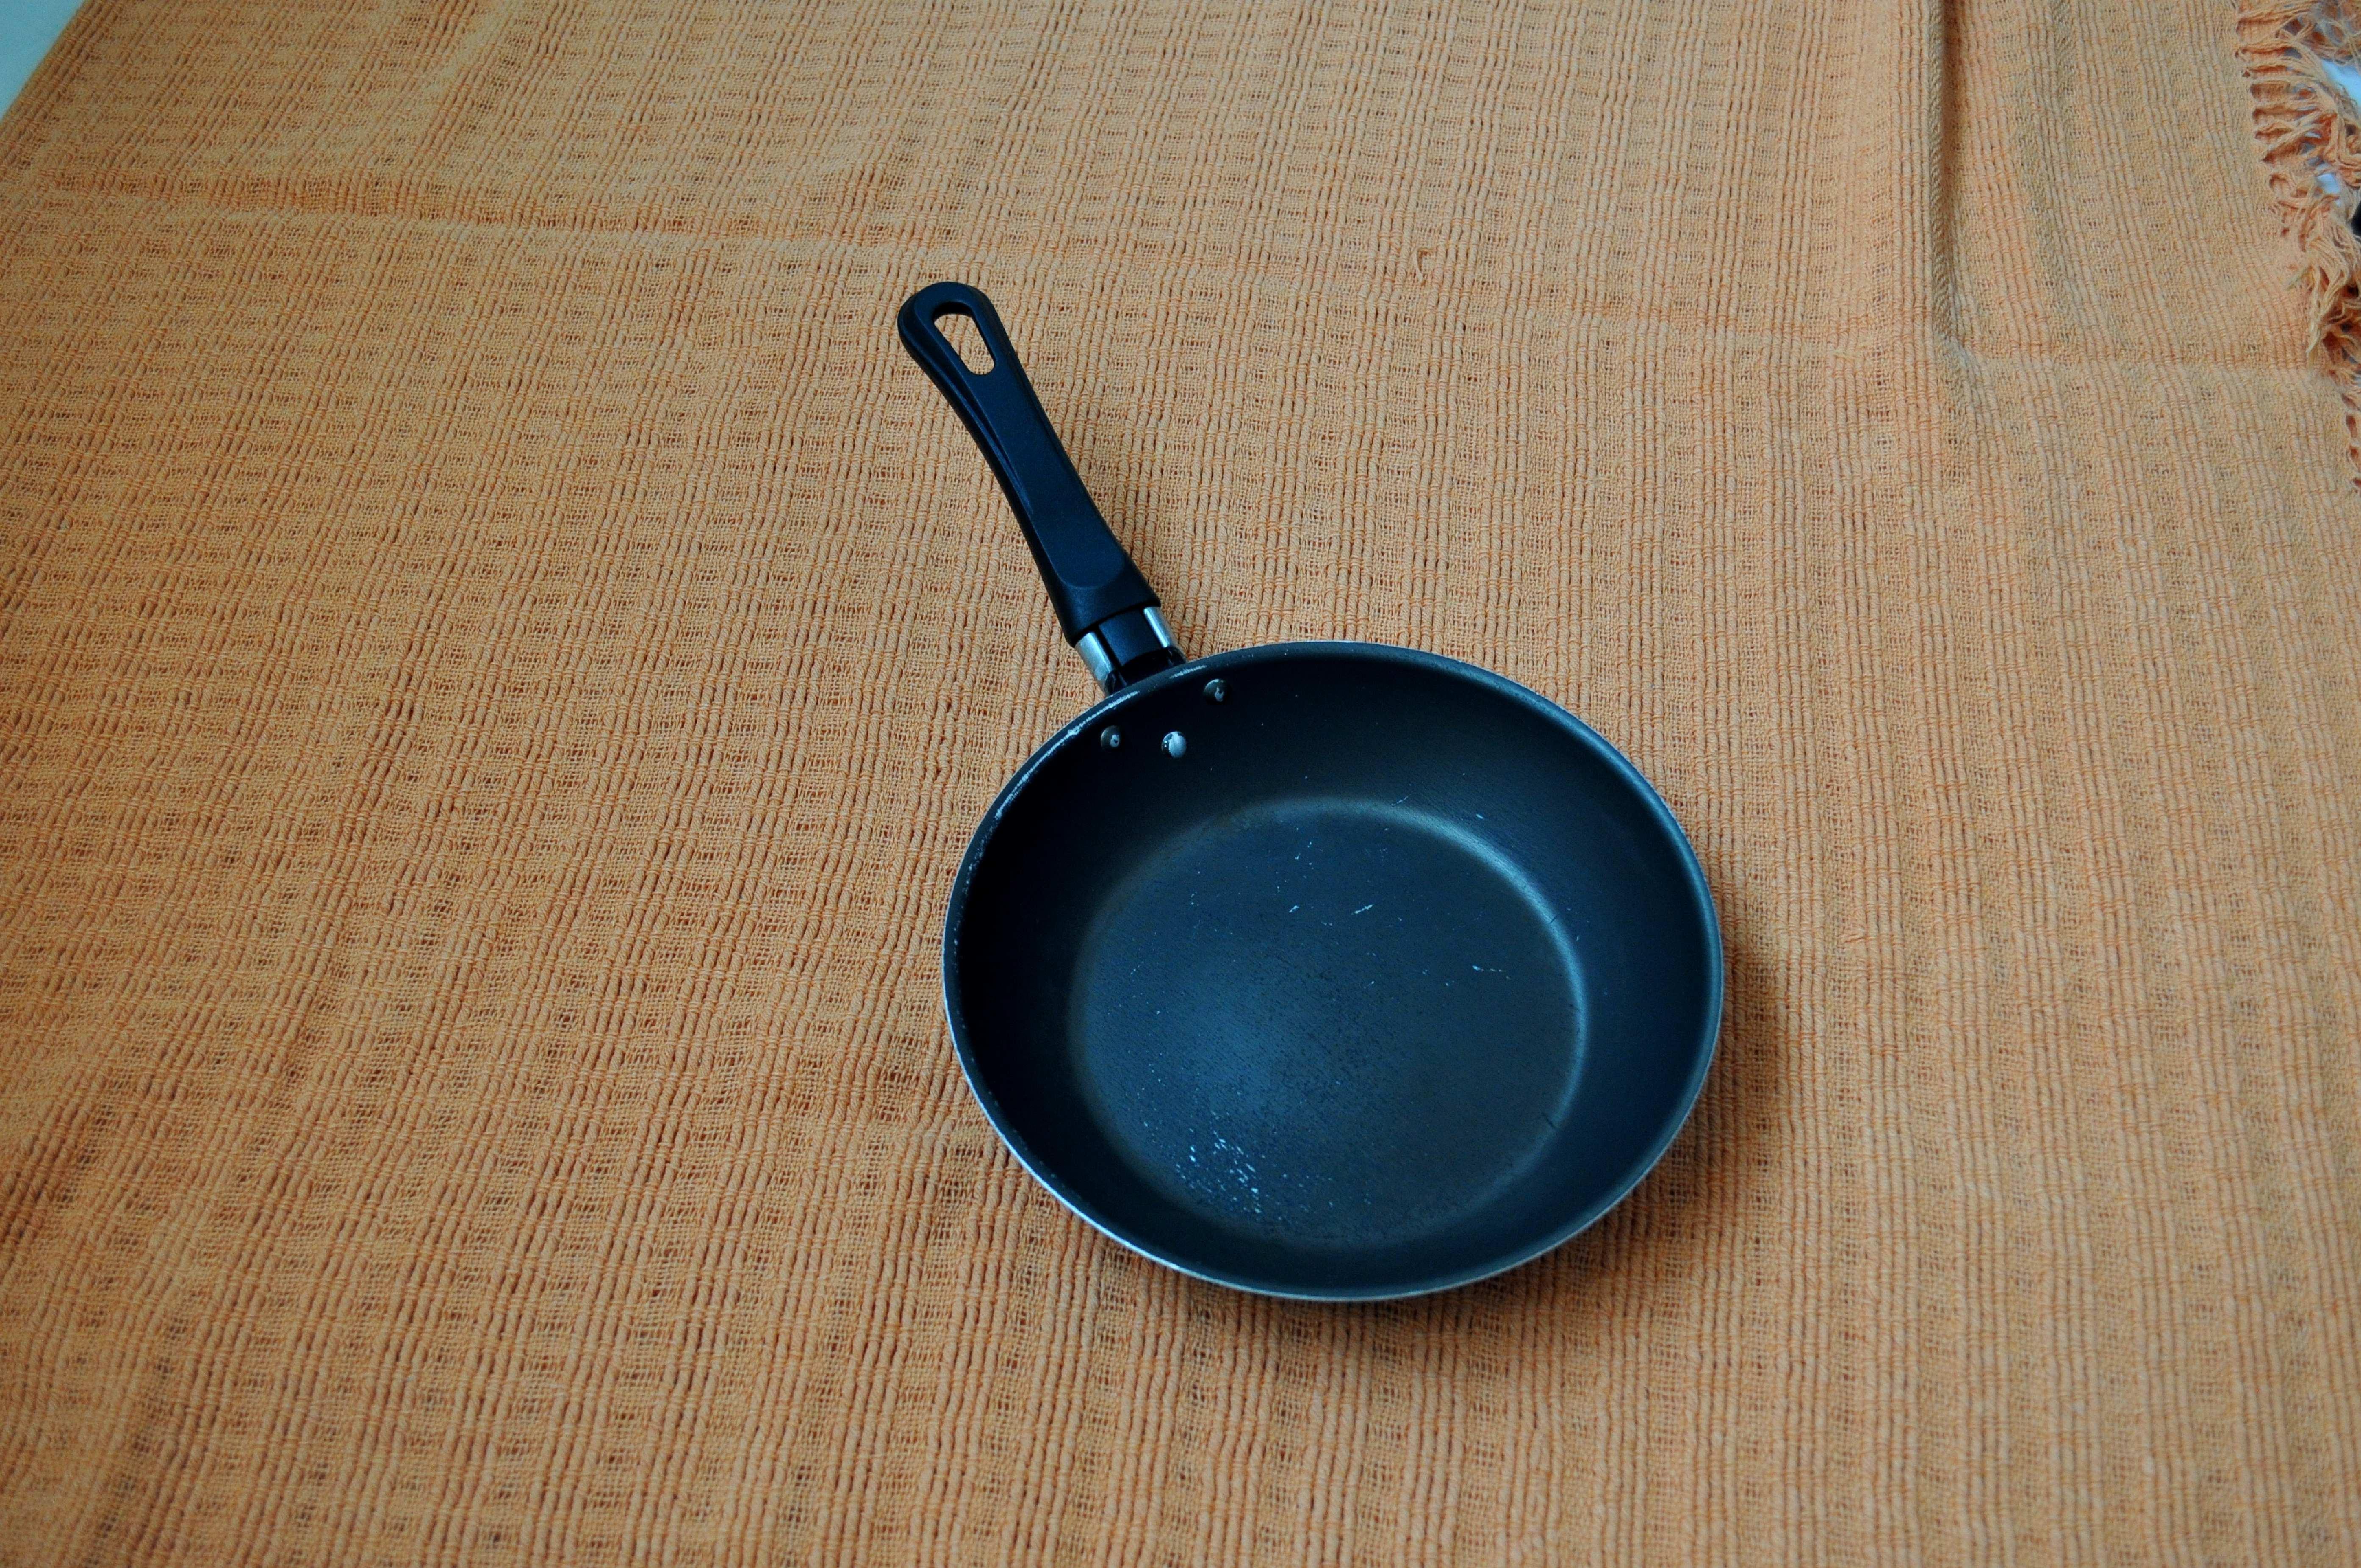 Free photograph; metal, pans, baking